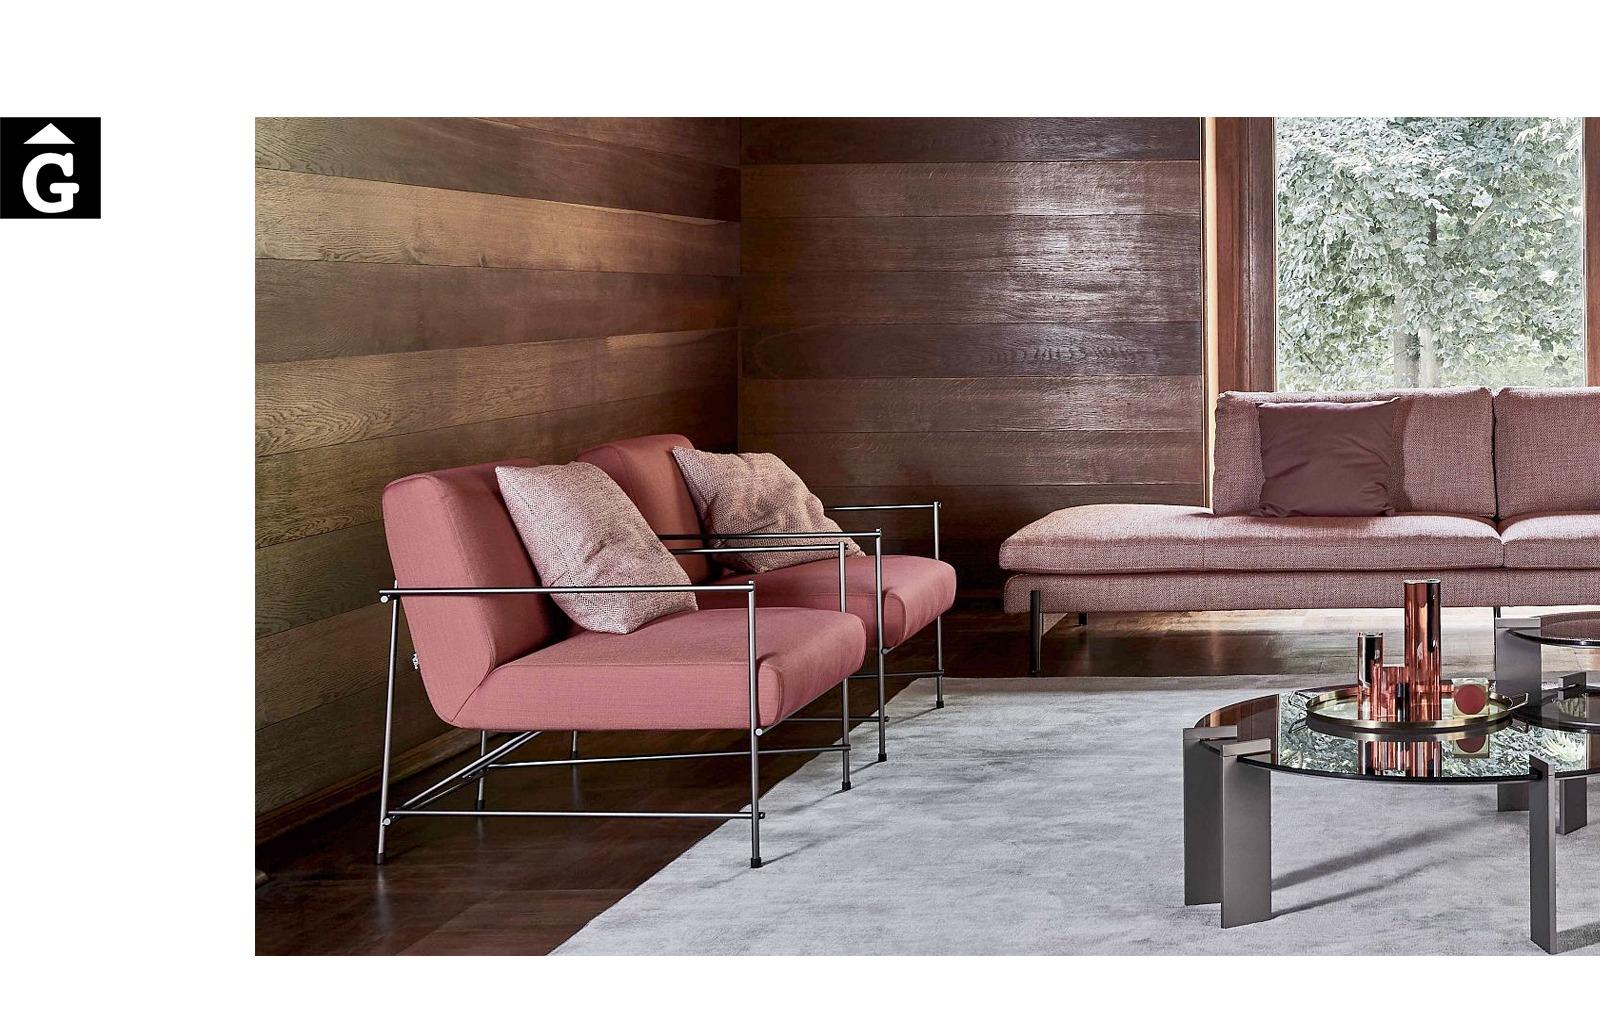 Butaca Kyo ambient tons terra - Ditre Italia Sofas disseny i qualitat alta by mobles Gifreu